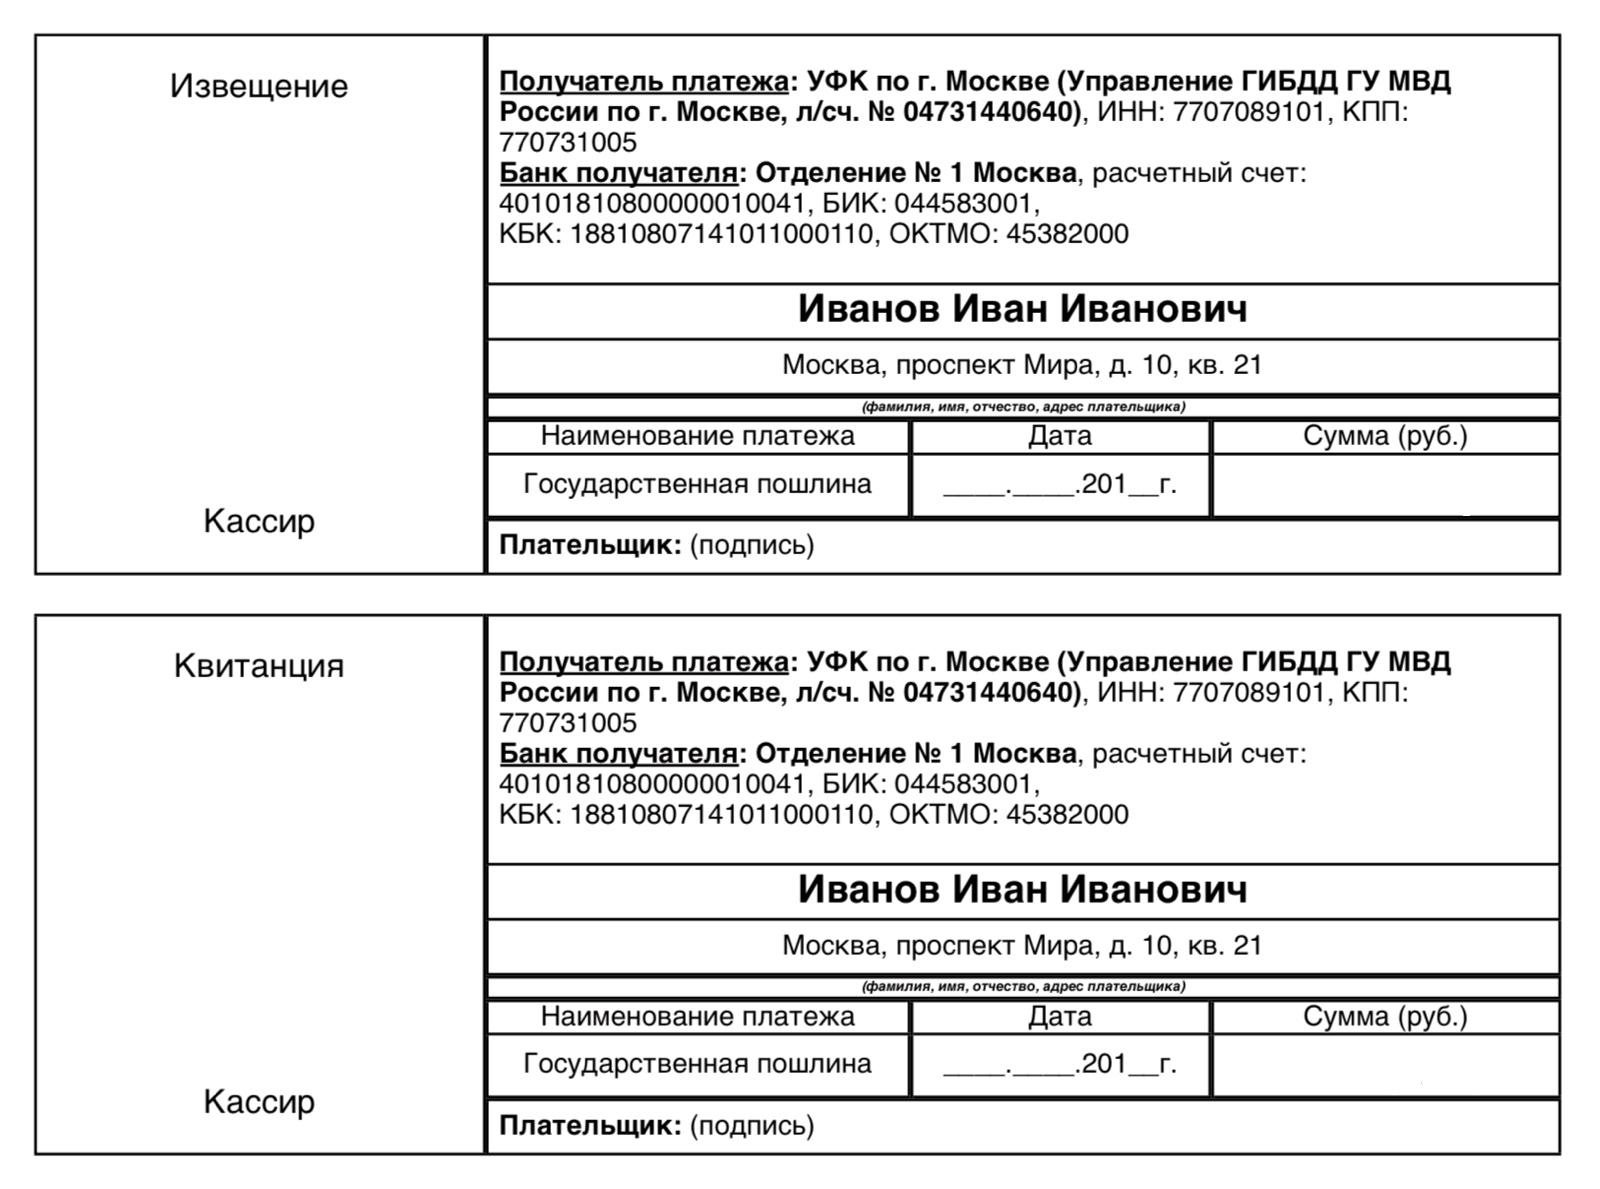 Нужна ли регистрация в москве чтобы зарегистрировать автомобиль